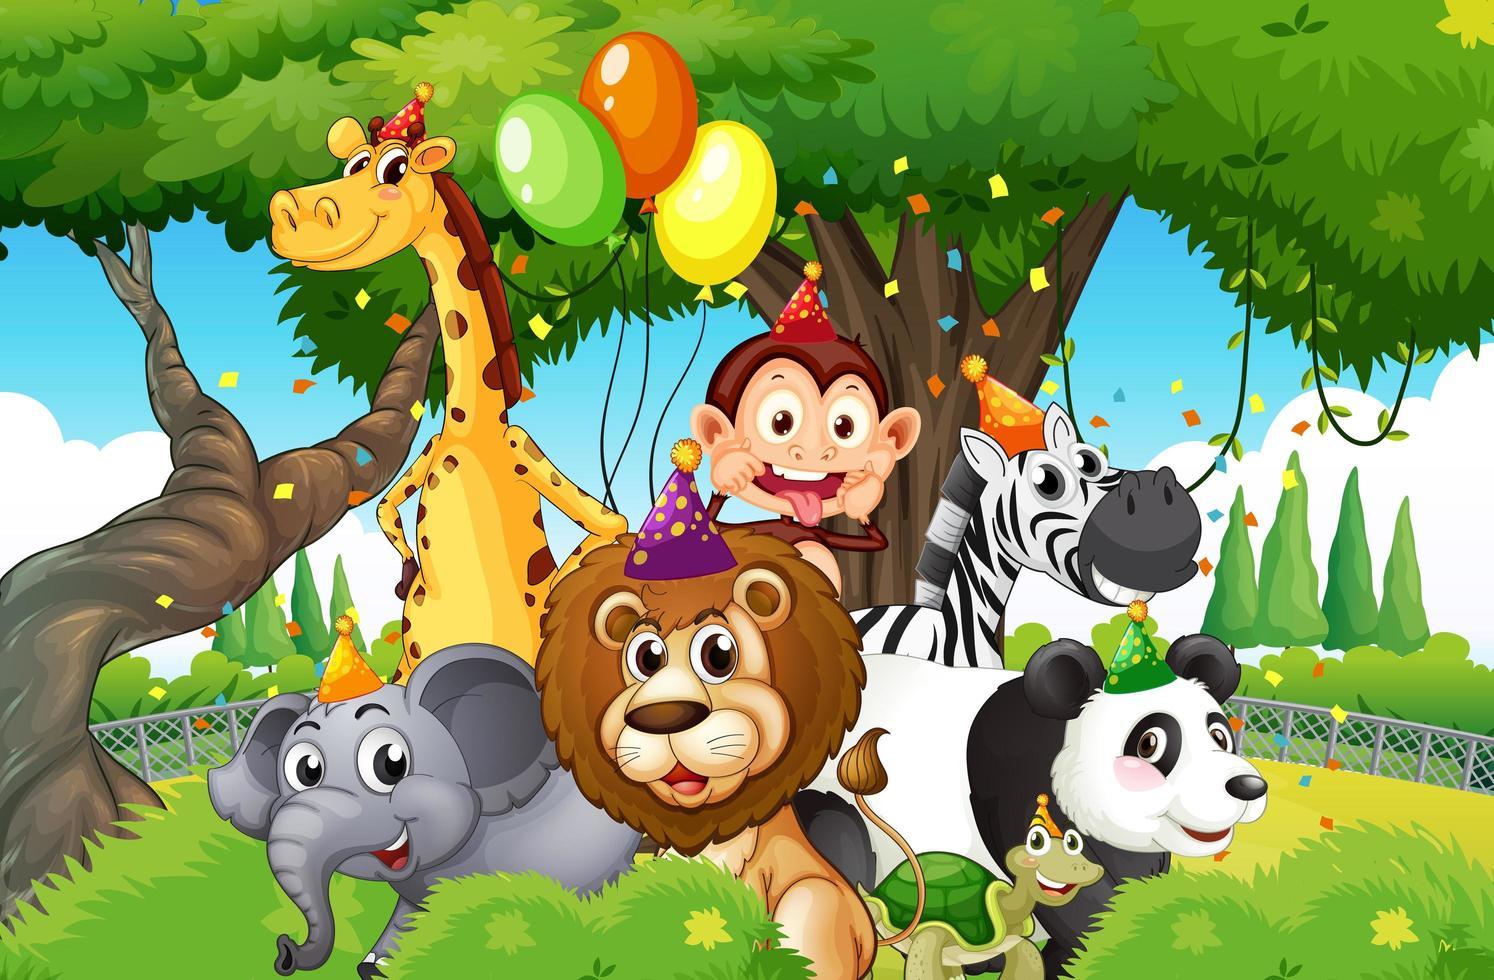 animaux sauvages avec thème de la fête en fond de forêt nature vecteur